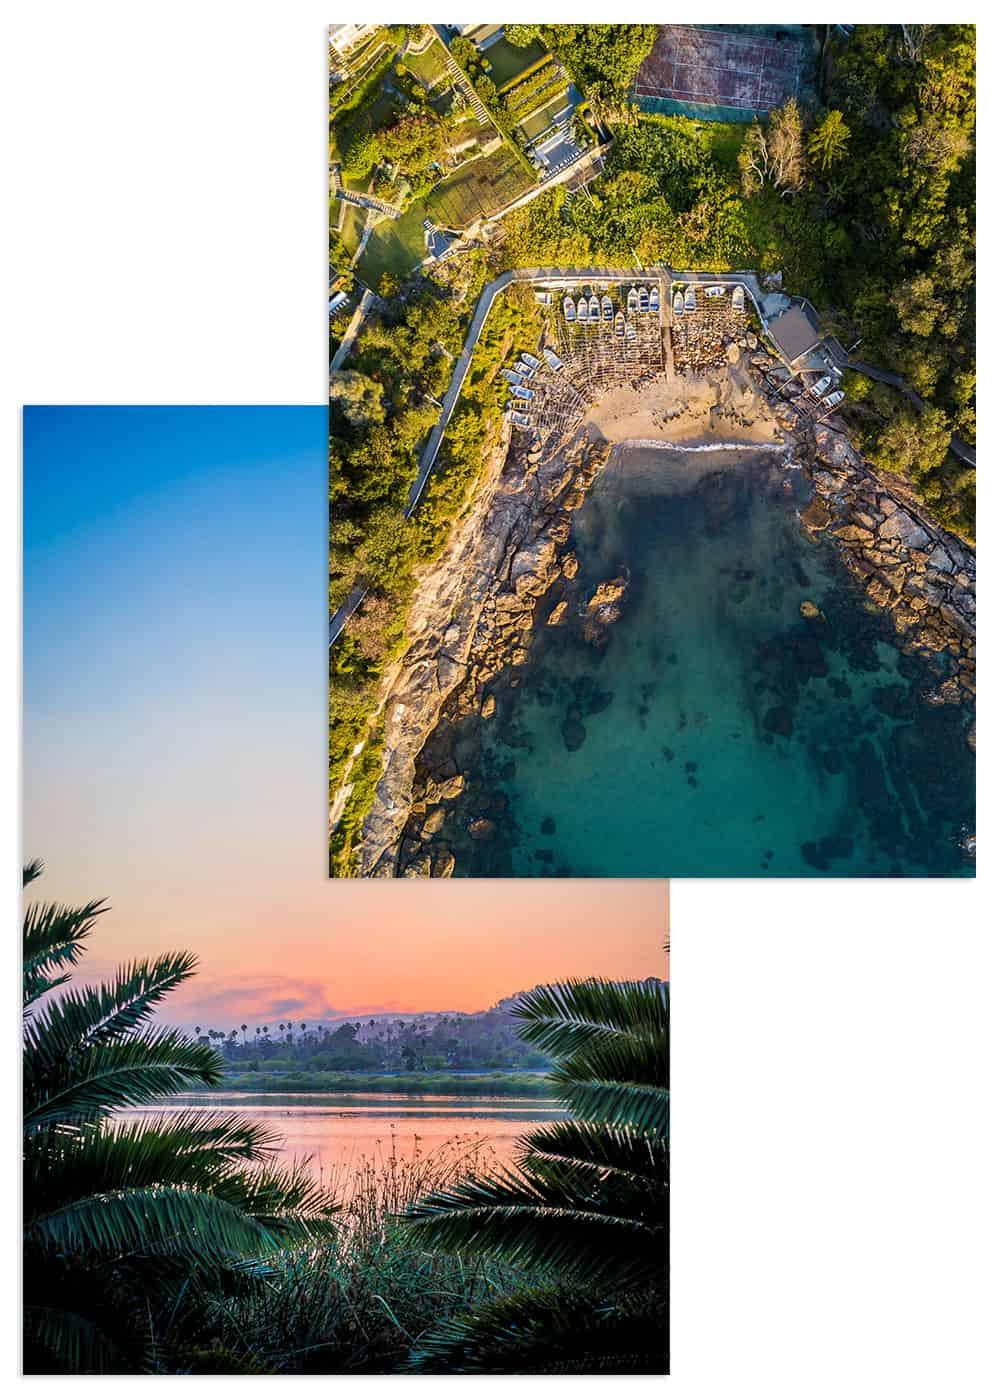 Lugares Turisticos de Mexico - Turismo Donde Ir